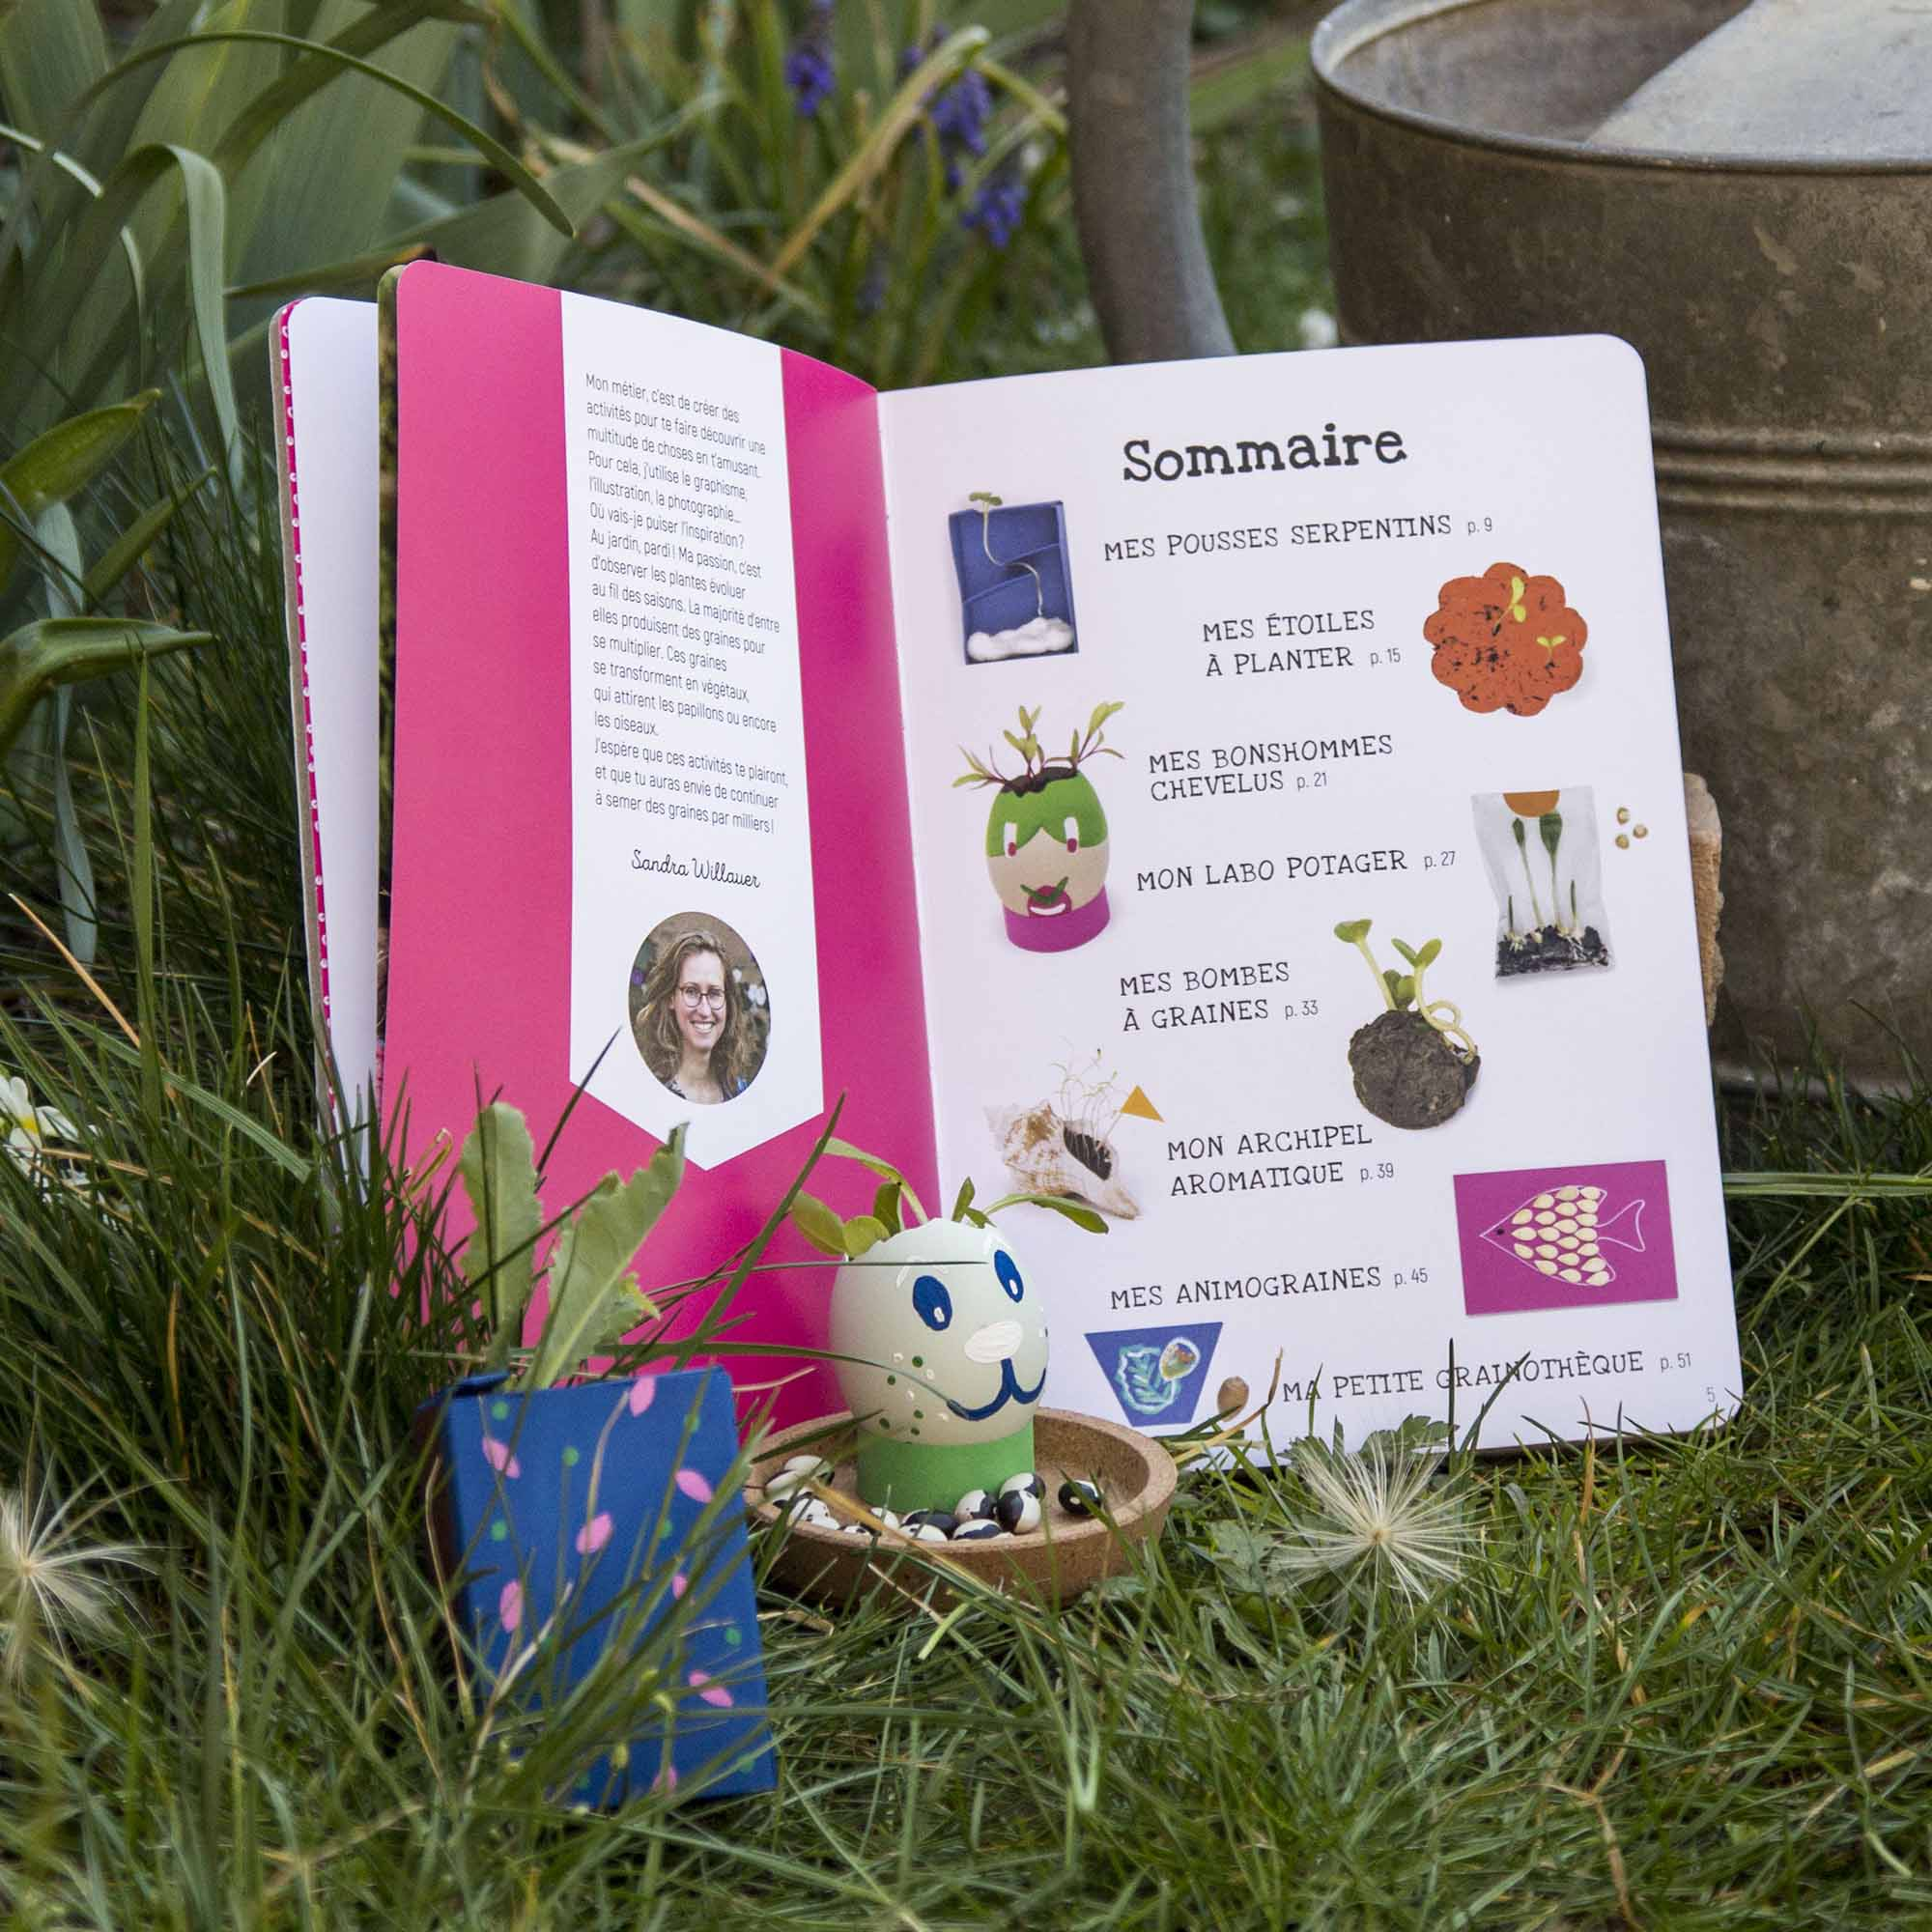 Aperçu du sommaire du livre l'atelier Graines et semis, ouvert au jardin, avec des exemples de réalisations